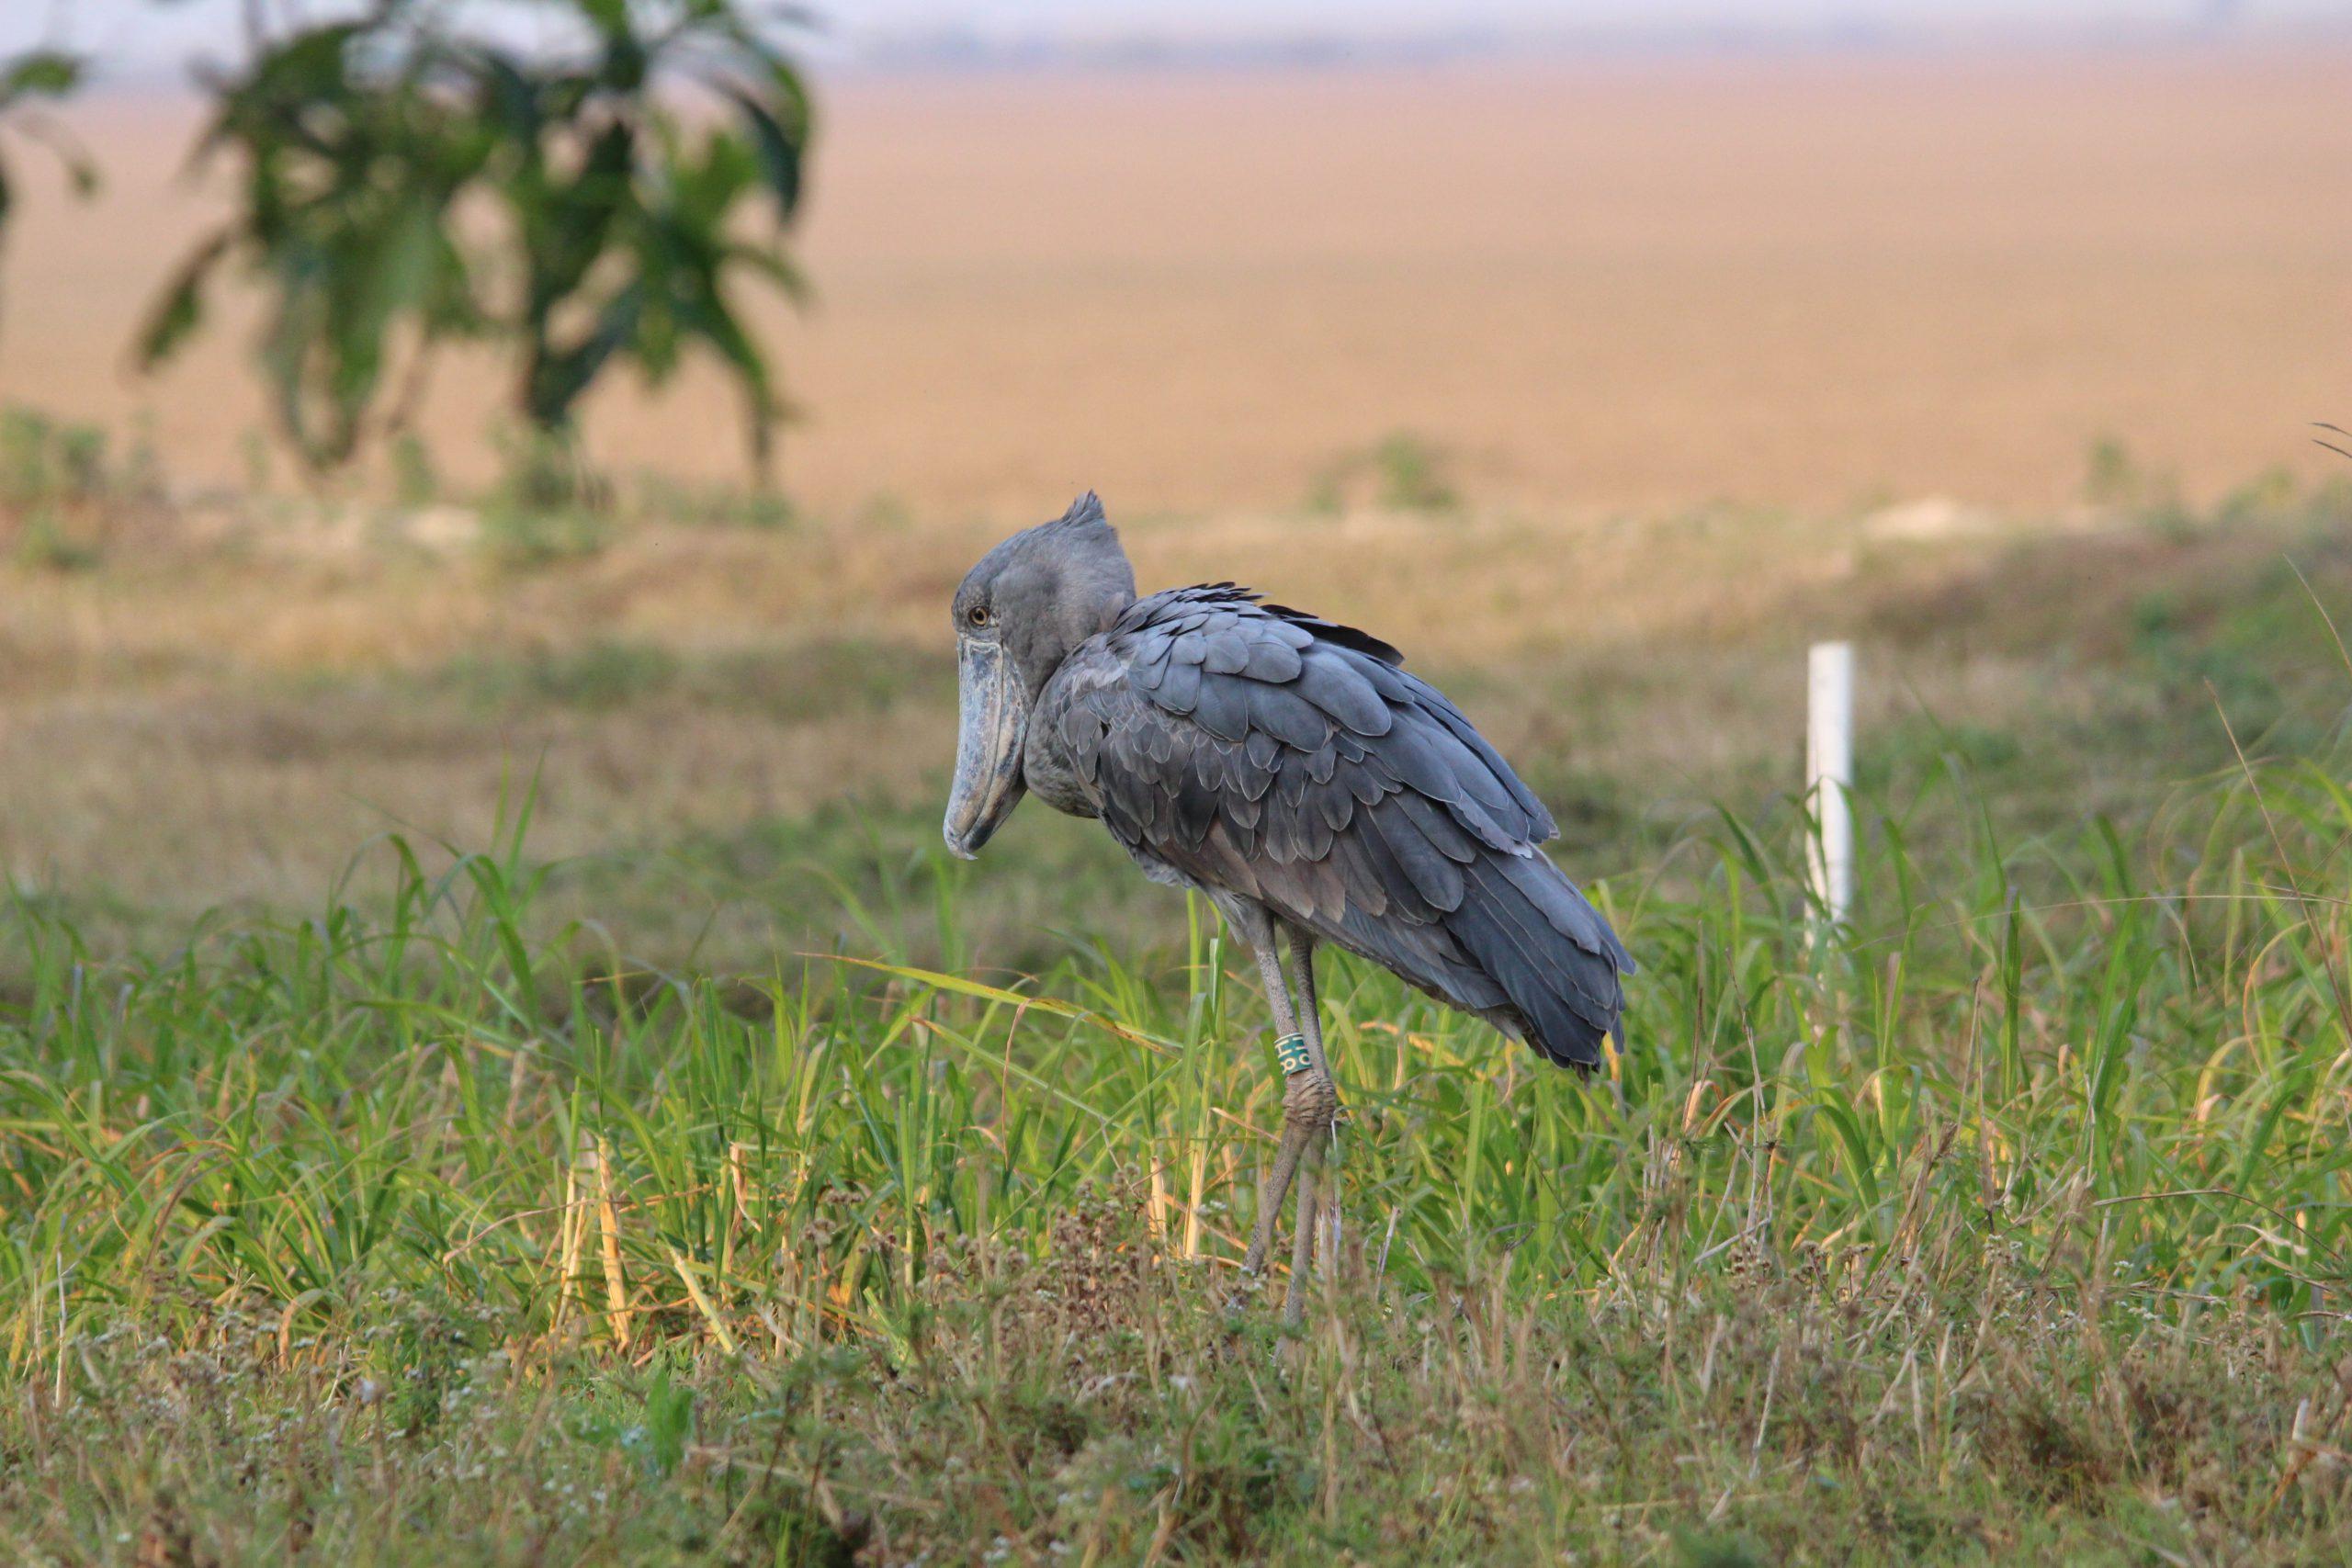 Shoebill Vogel in Bangweulu Swamps, Zambia